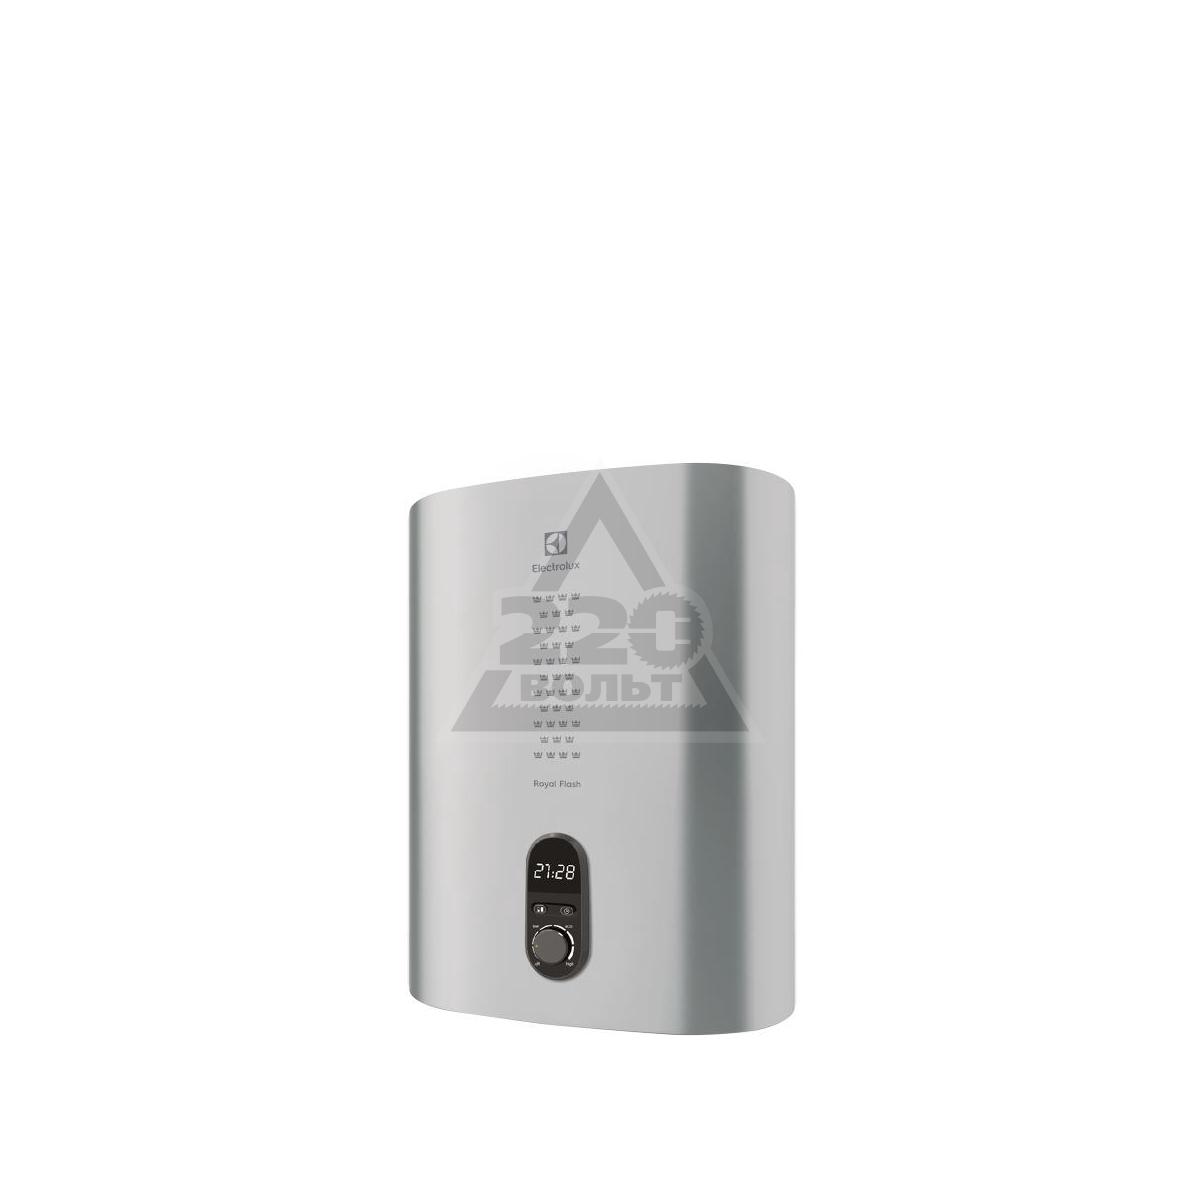 Модели накопительных водонагревателей Электролюкс на 50 литров